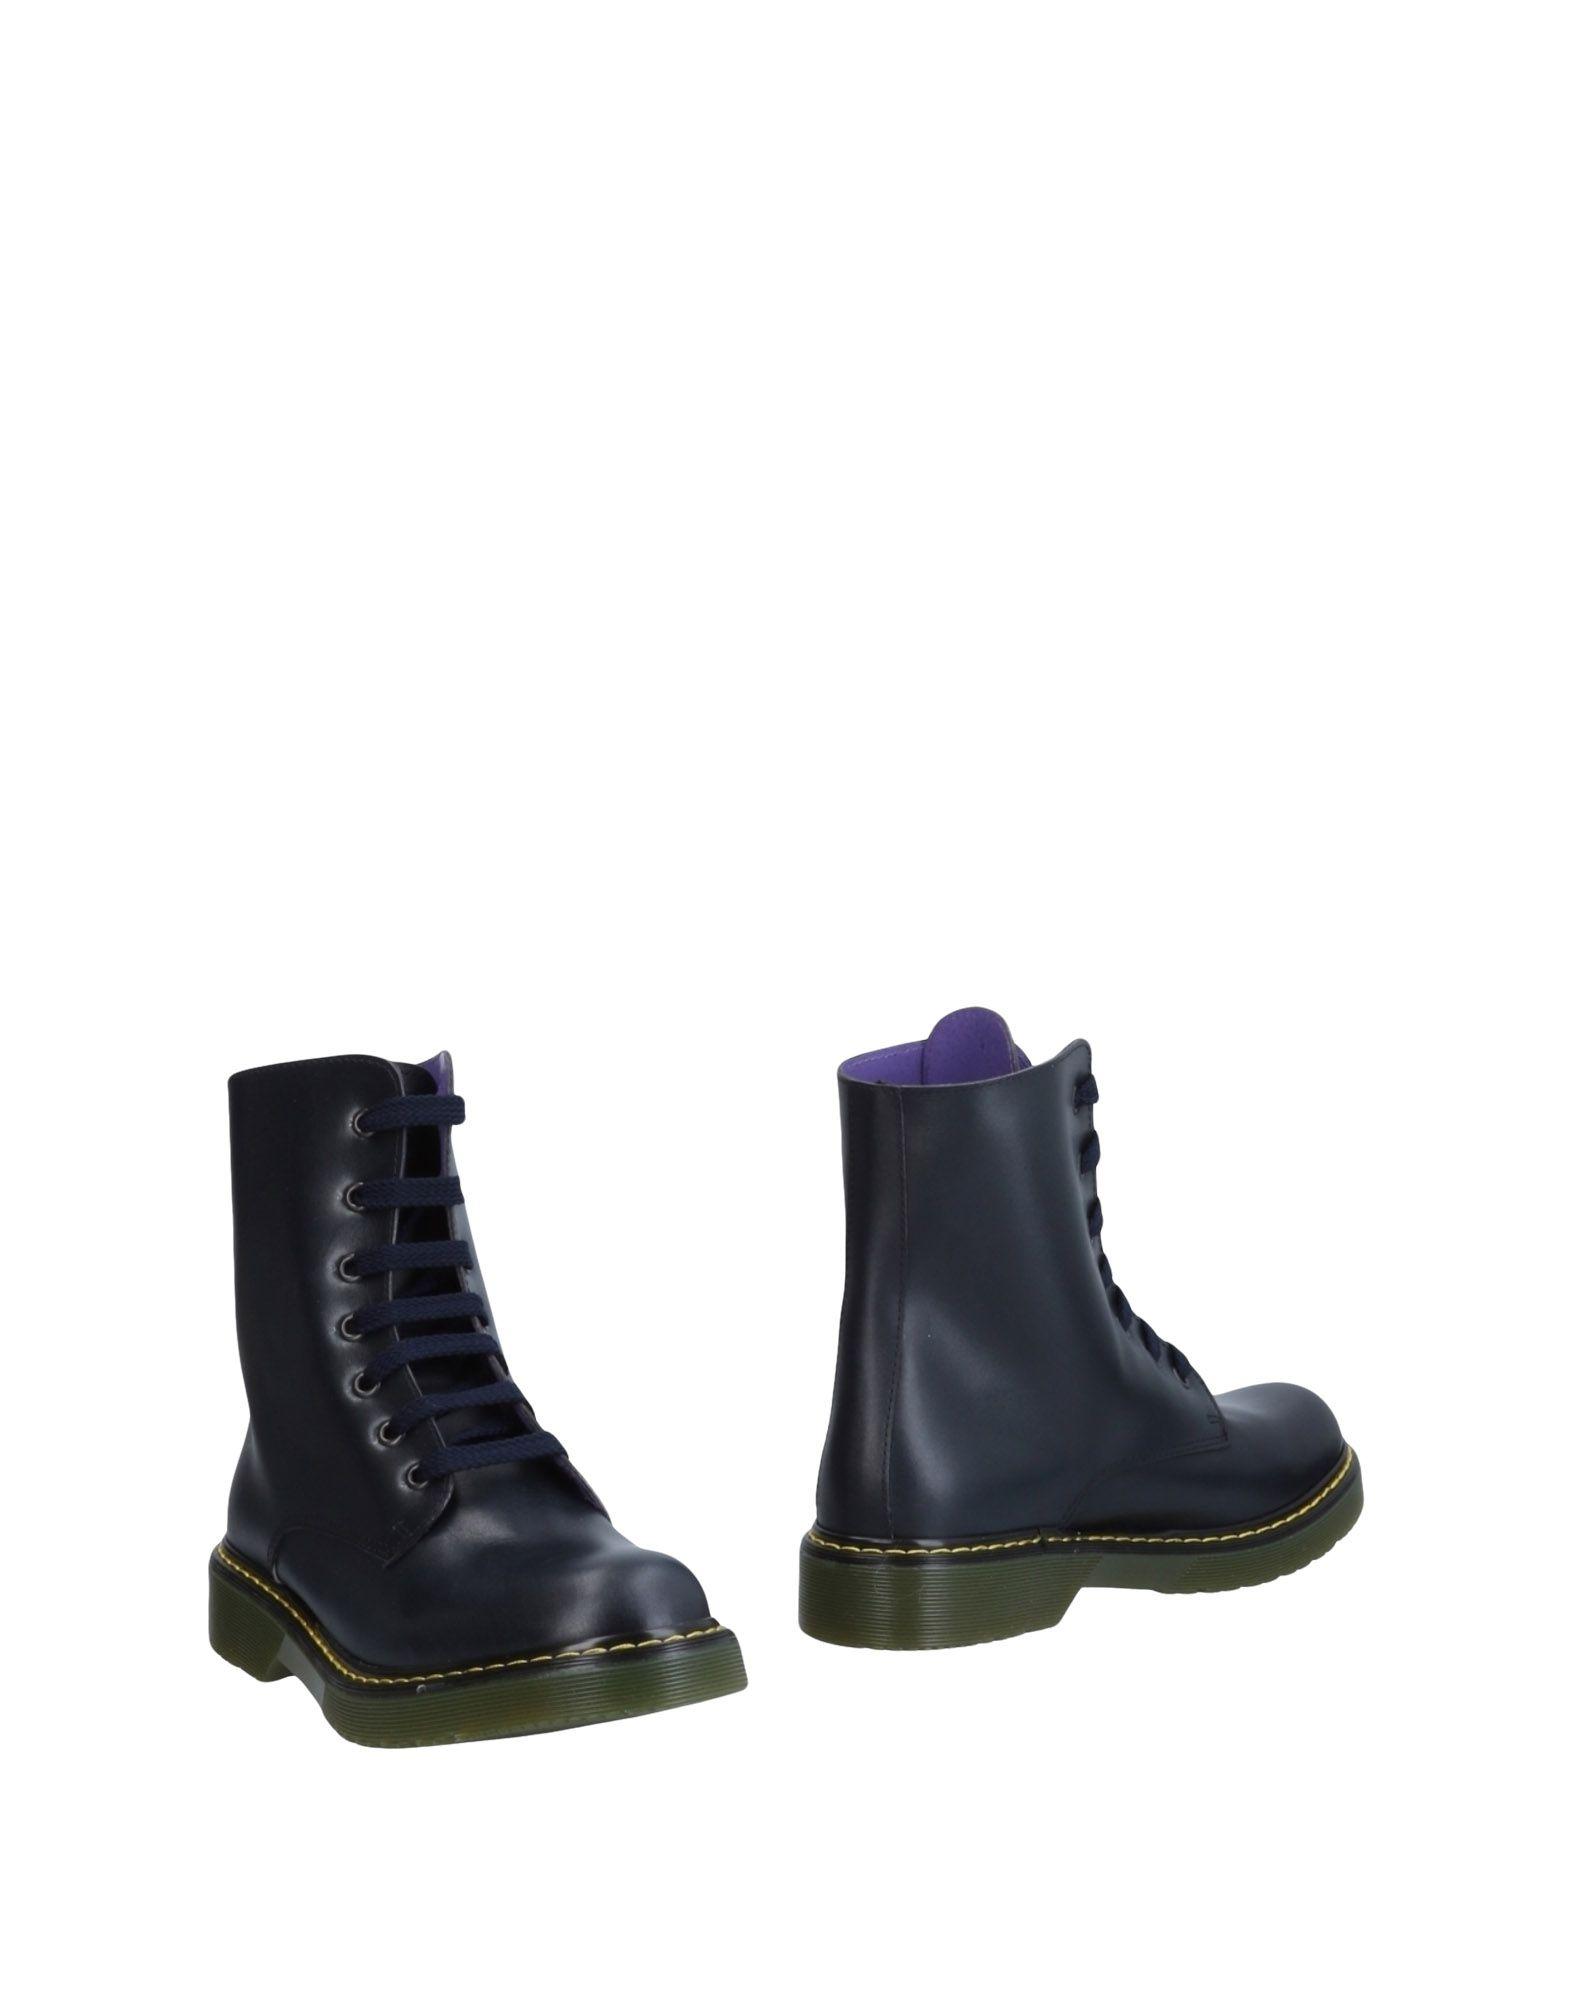 Tsd12 Stiefelette Damen  11453882CC Gute Qualität beliebte Schuhe